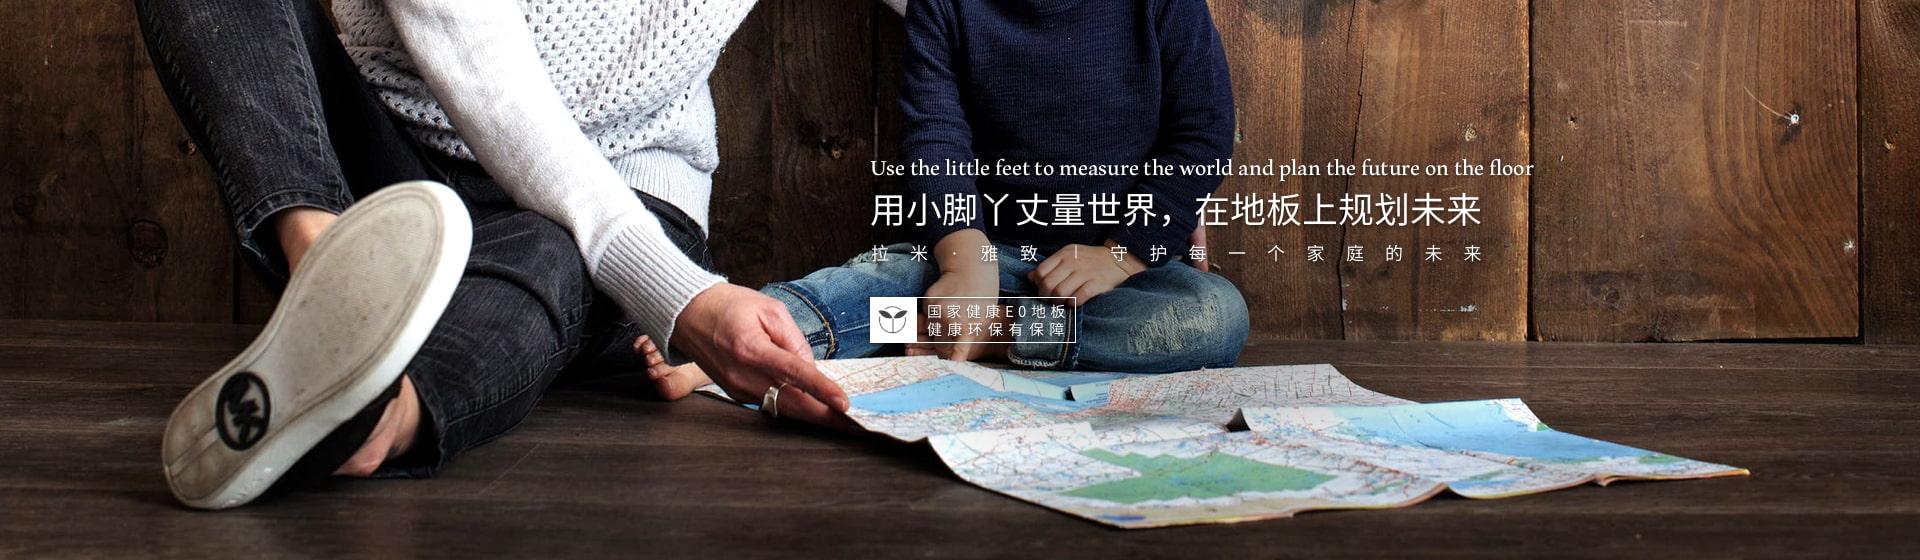 用小脚丫丈量世界,在地板上规划未来